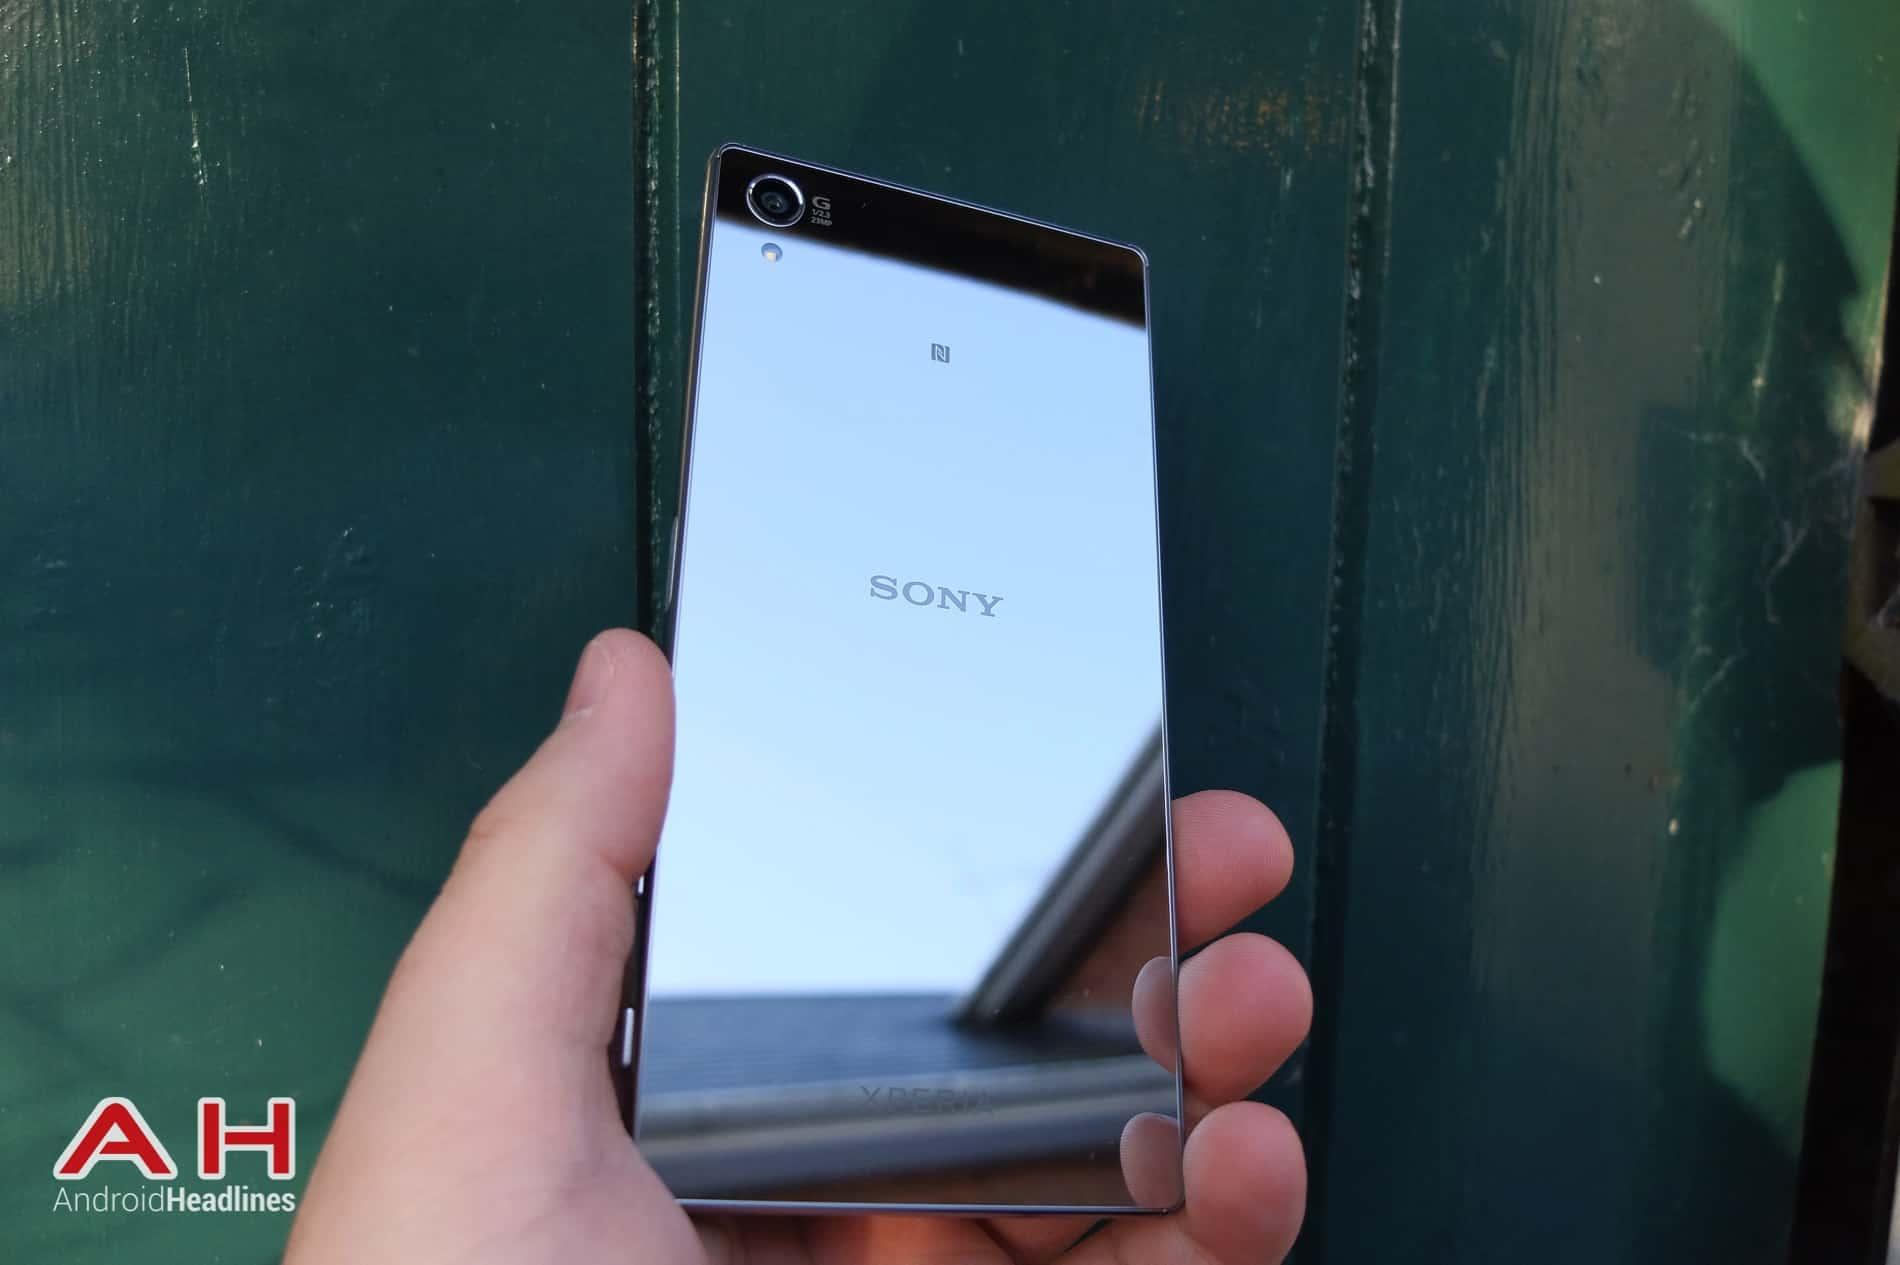 Sony Xperia Z5 Premium AH 10